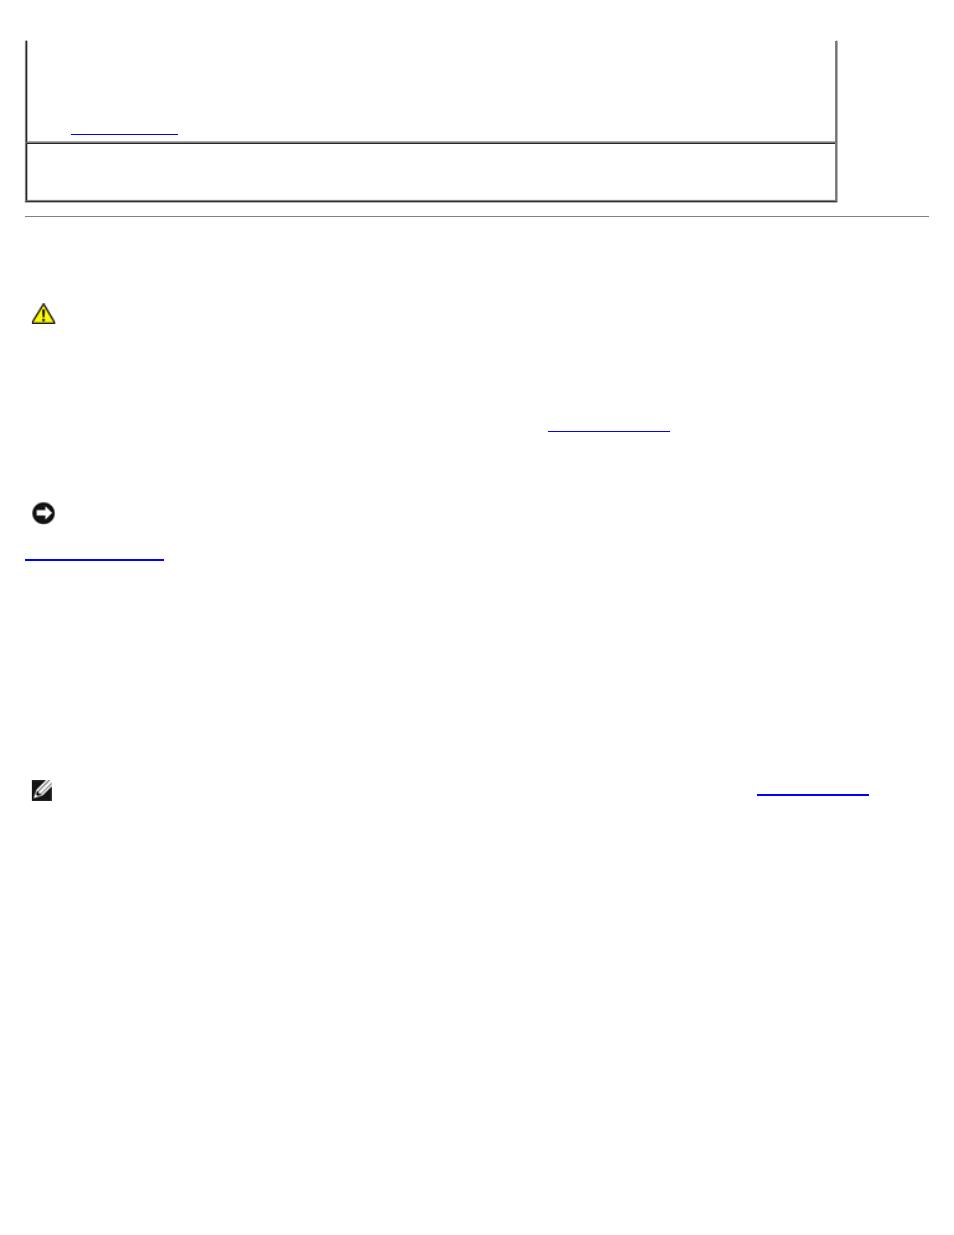 Dell diagnostics, When to use the dell diagnostics | Dell